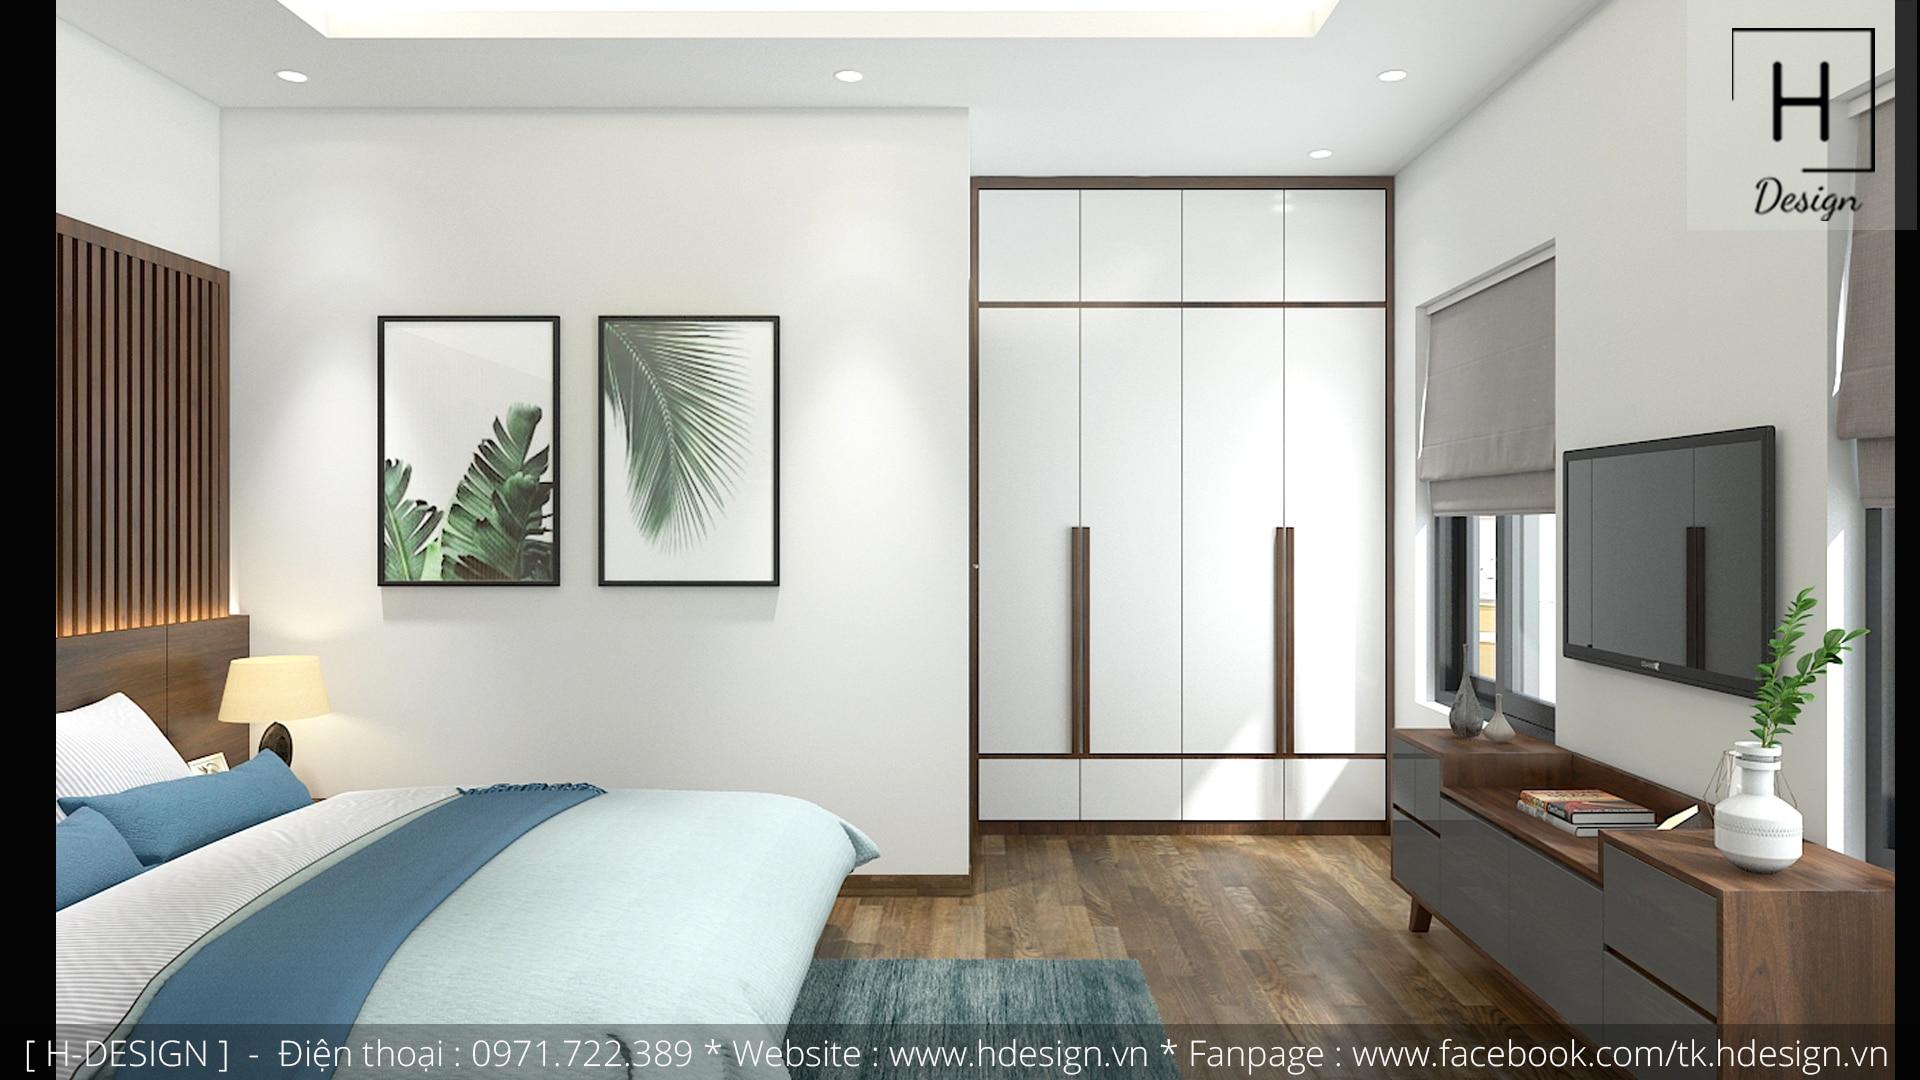 Thiết kế thi công nội thất nhà phố đẹp tại Tây Hồ - Hà Nội 11